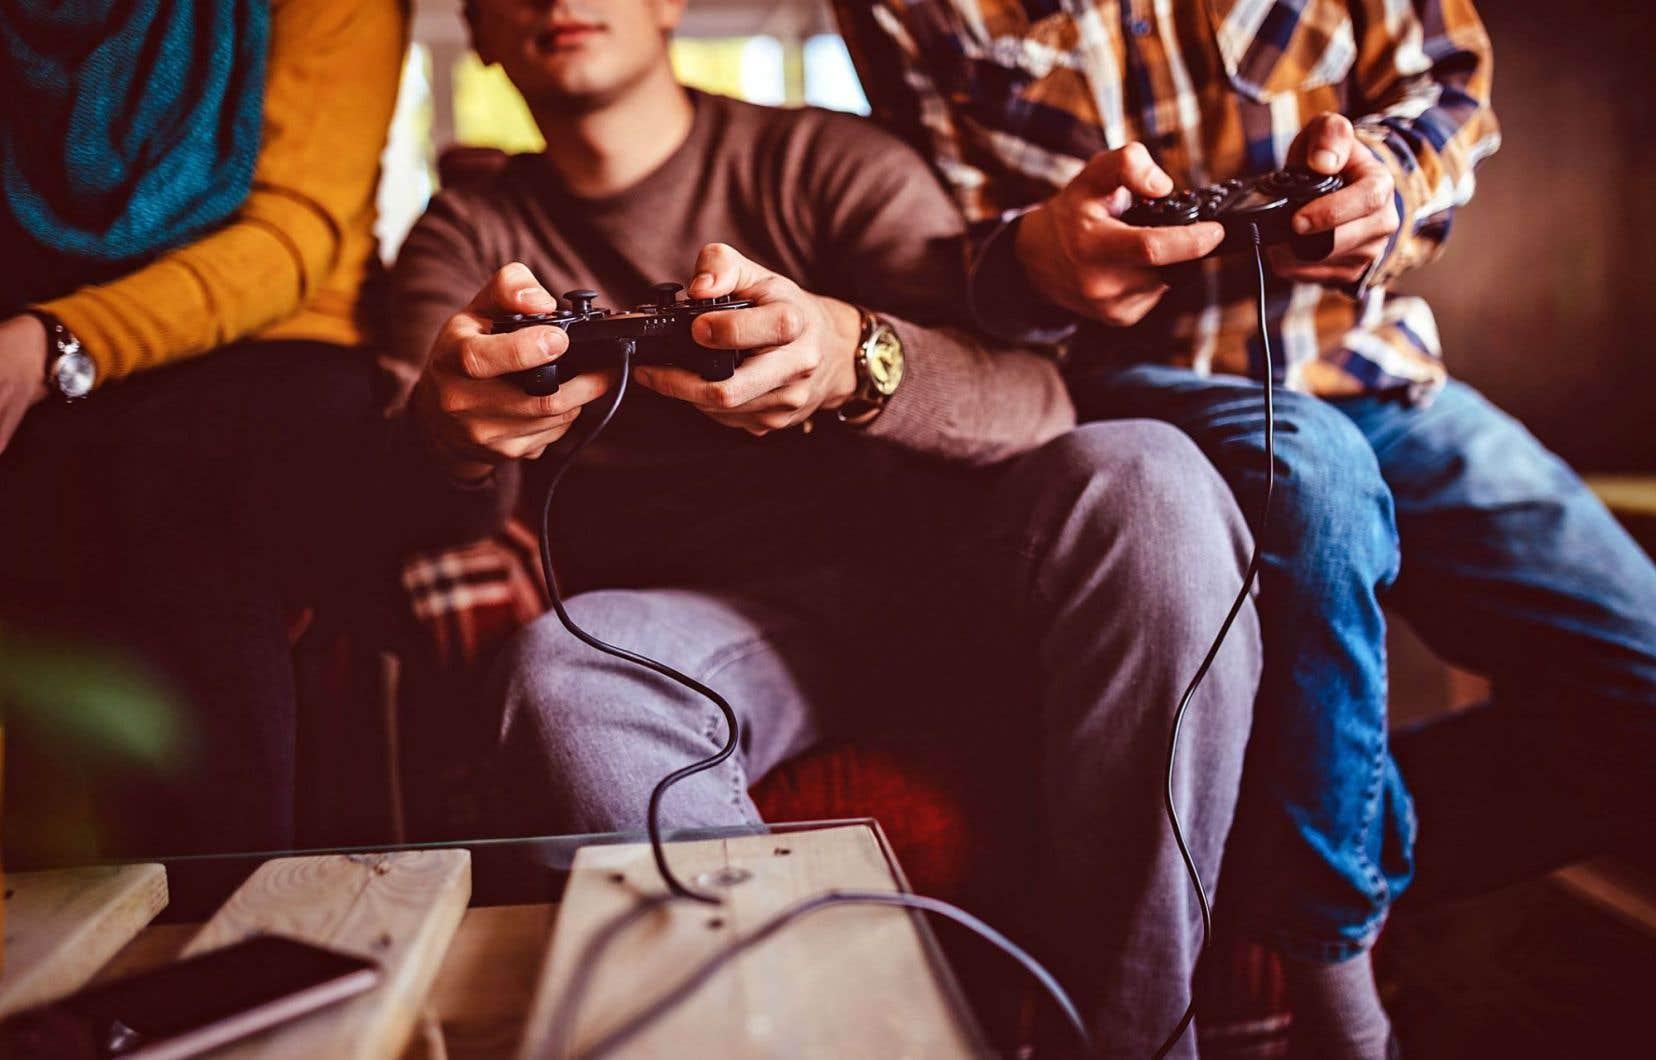 Pour Jacques Létourneau, l'industrie du jeu vidéo est difficile à syndiquer de façon traditionnelle.